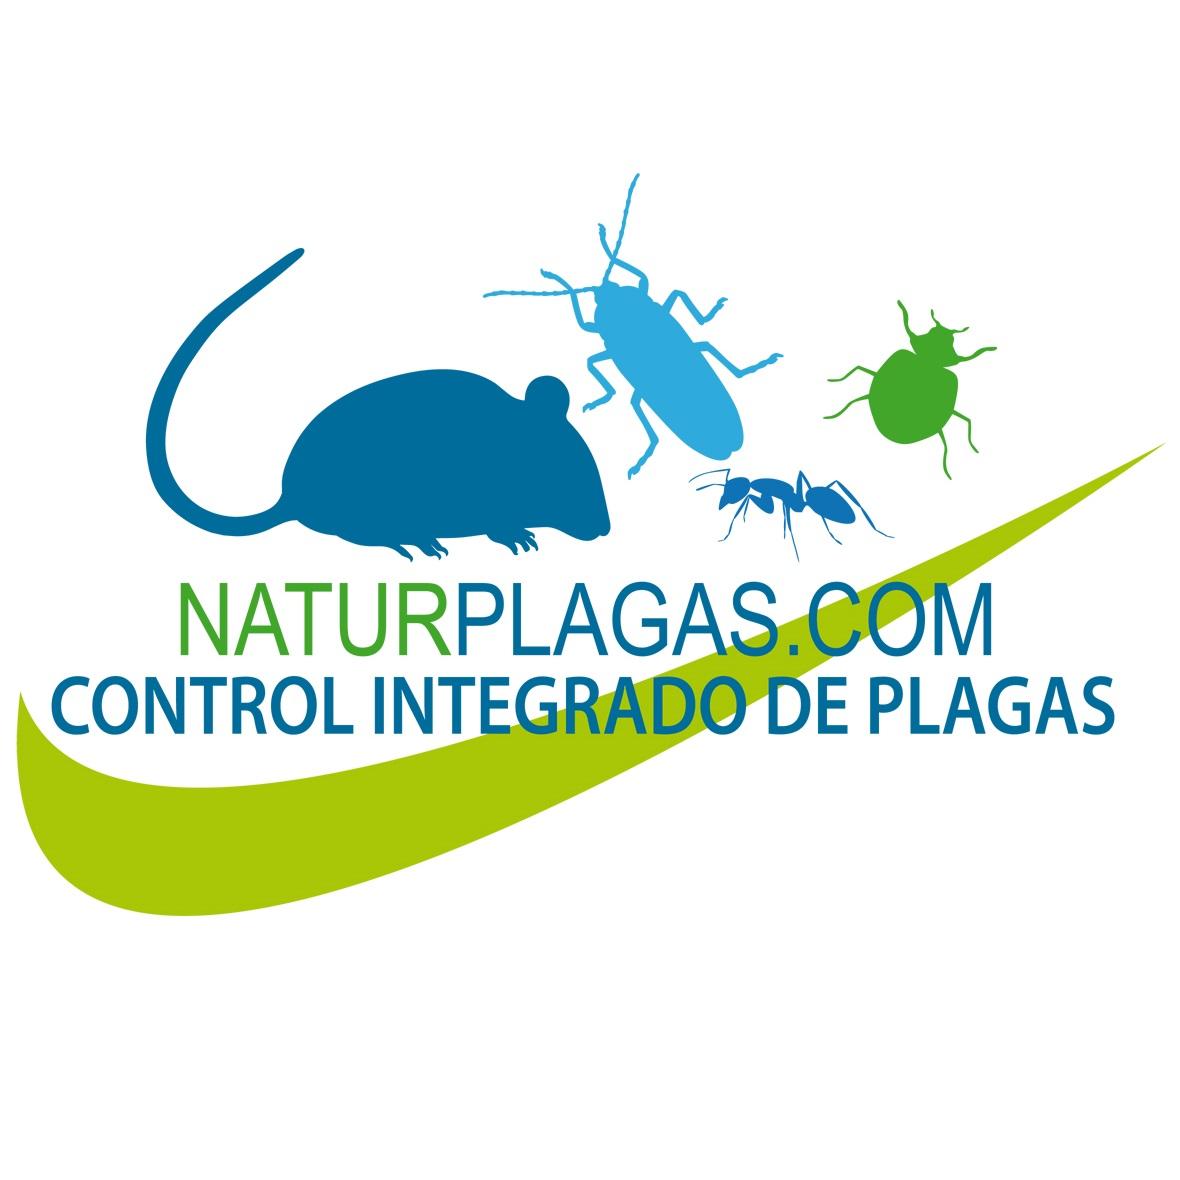 Naturplagas